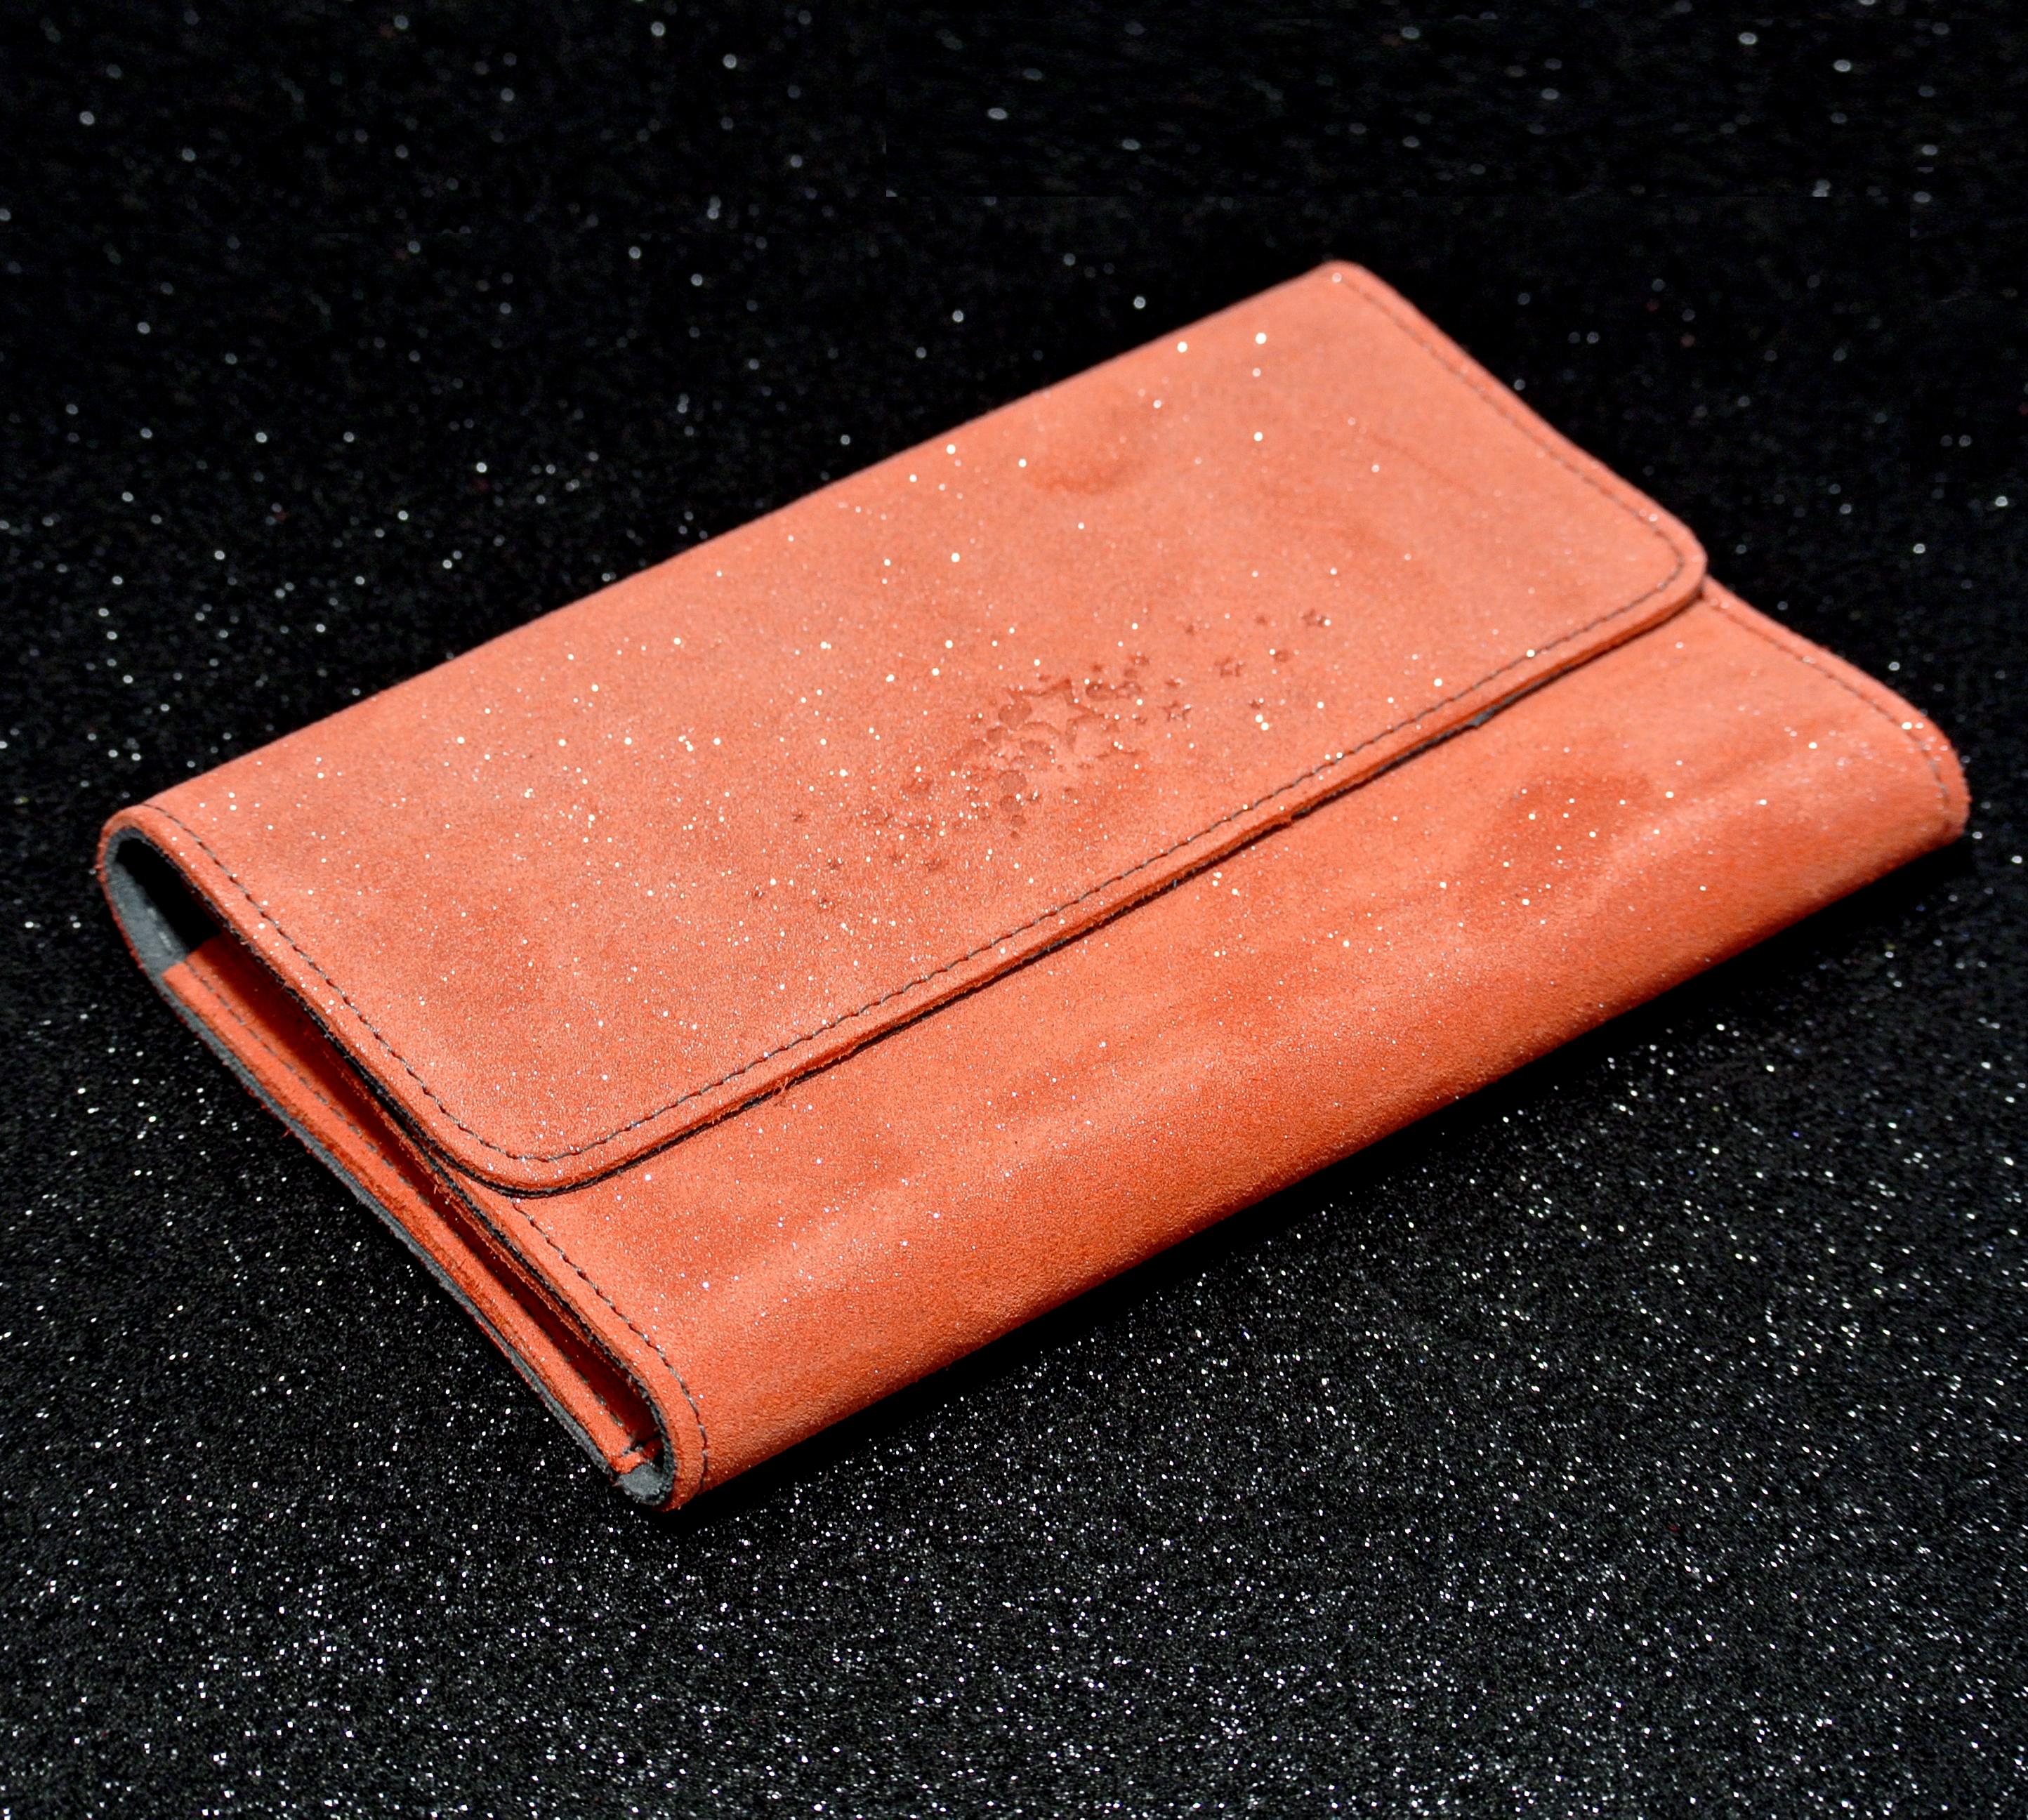 Joli et indispensable porte feuille compagnon, en cuir pailleté, La cartablière, made in France, orange mangue